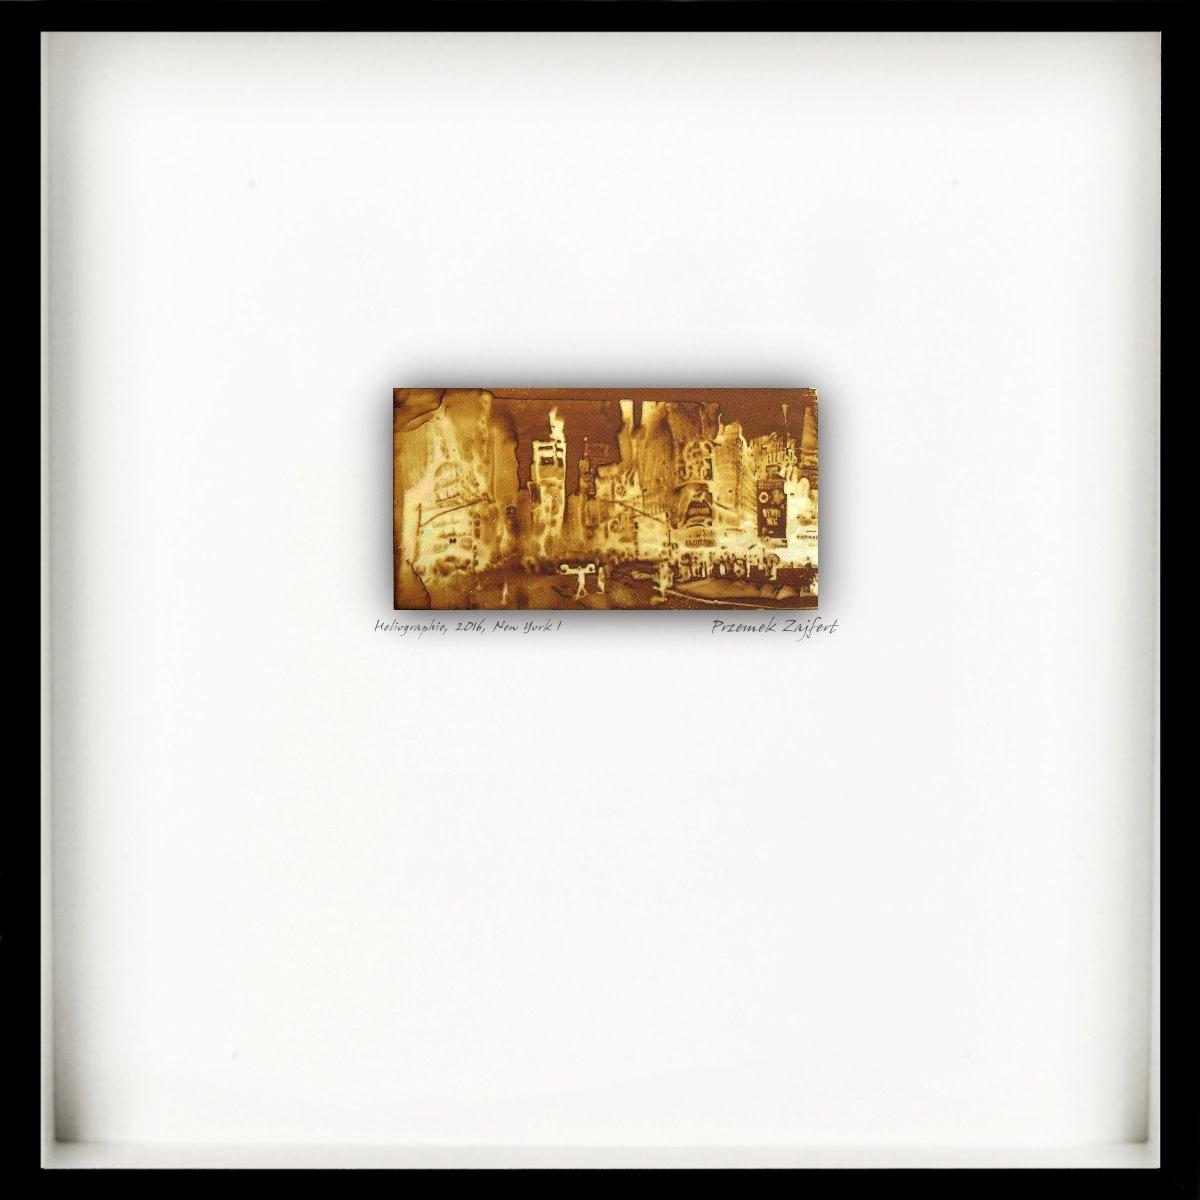 Heliographie nach Niépce, Unikat, New York I, Metallplatte, Lavendelöl, Bitume de Judée